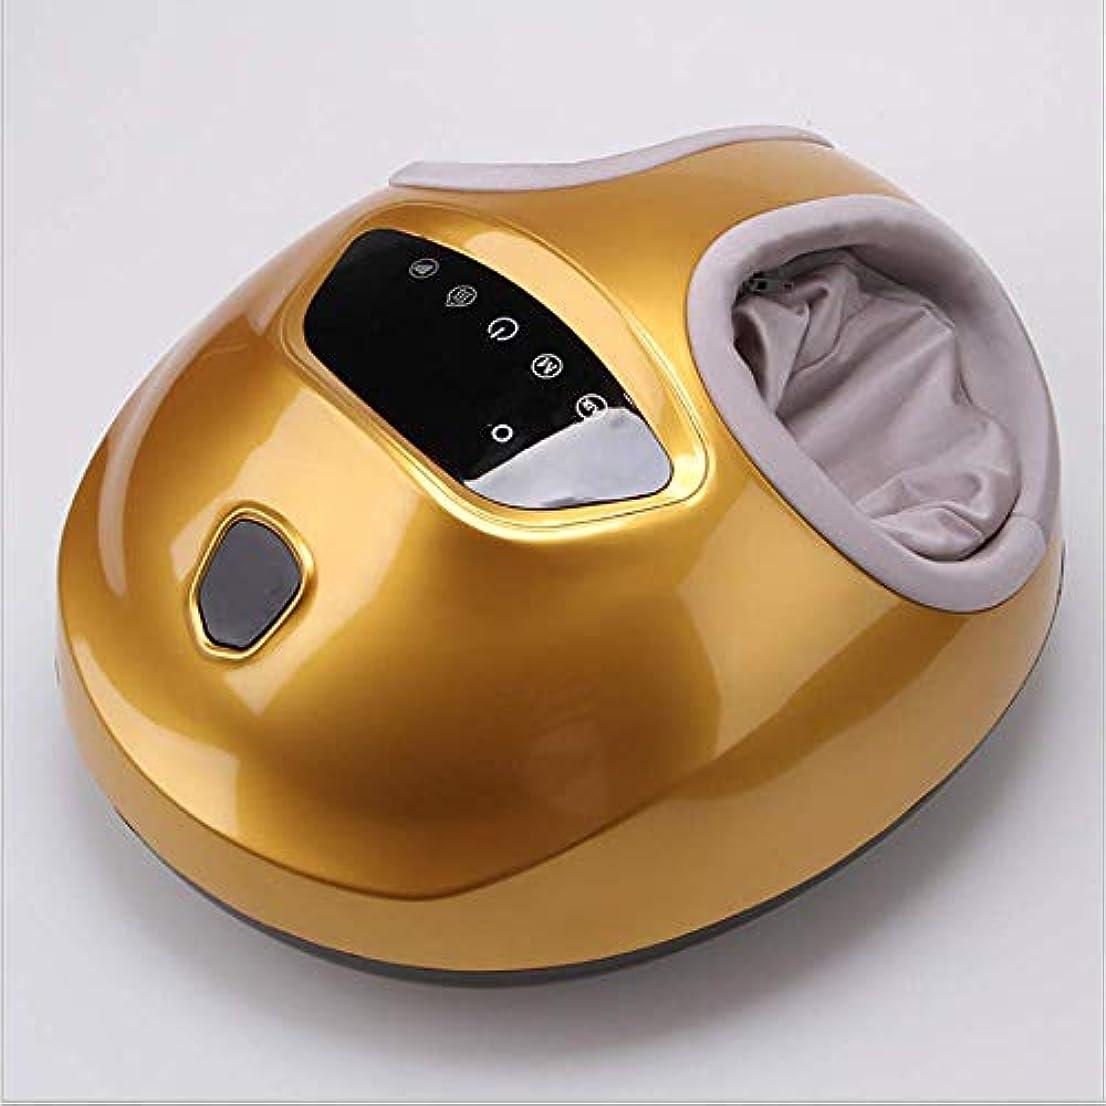 解体するセーブ破壊電動足裏マッサージ器は、足底筋膜炎と足の疲れの痛みを和らげるために、なだめるような赤外線加熱と空気圧縮を備えた深く深い混練足マッサージを指します